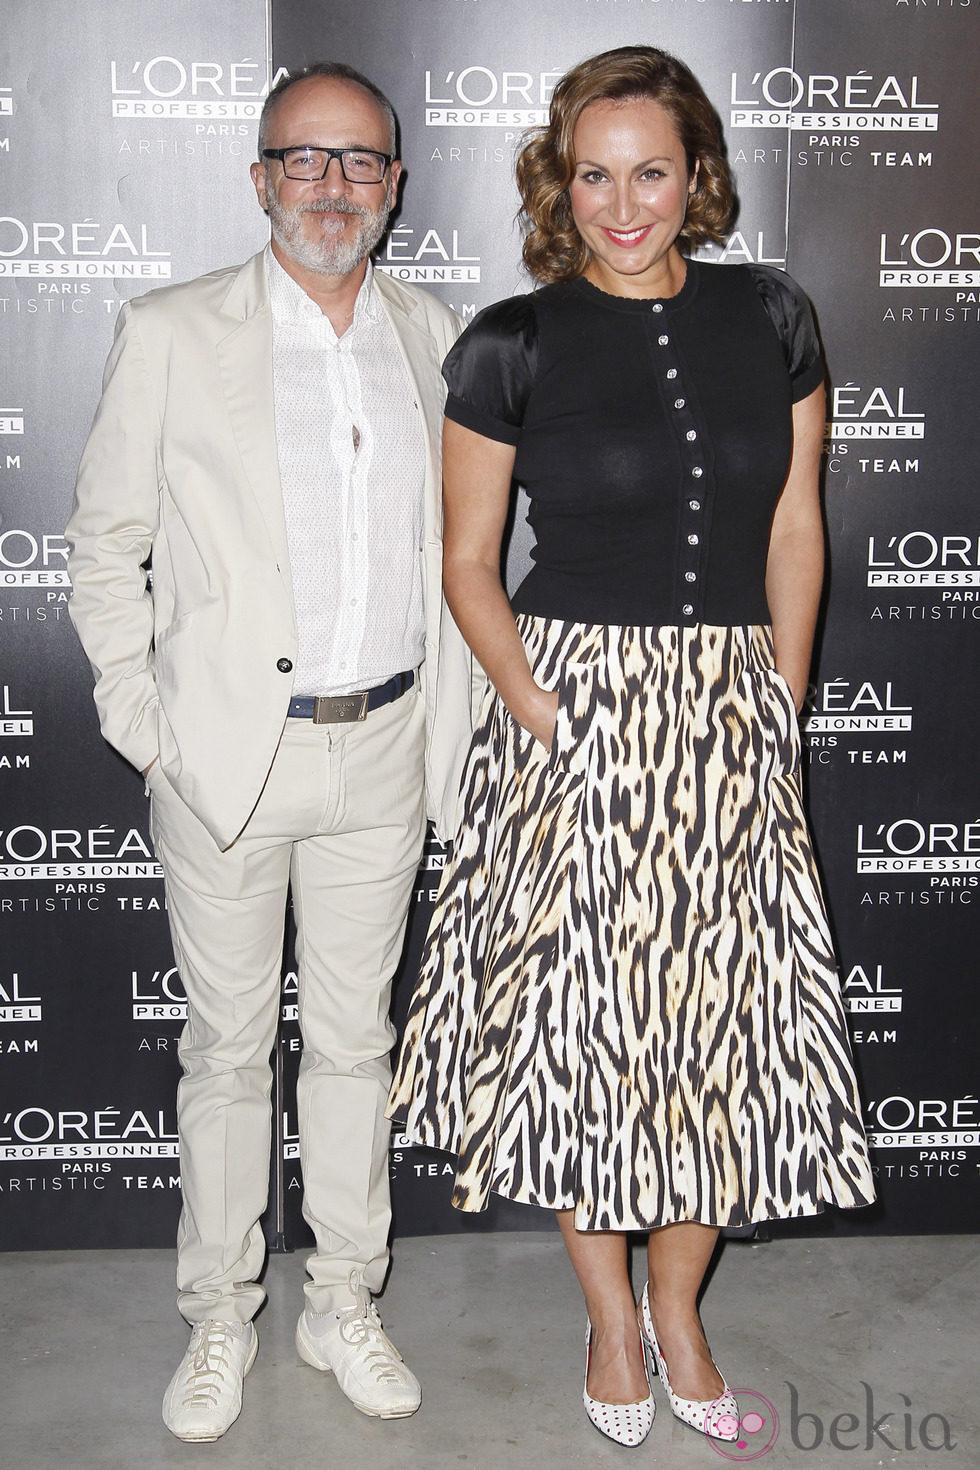 Ana Milán y Fernando Guillén Cuervo en una pasarela de belleza organizada por L'Oreal